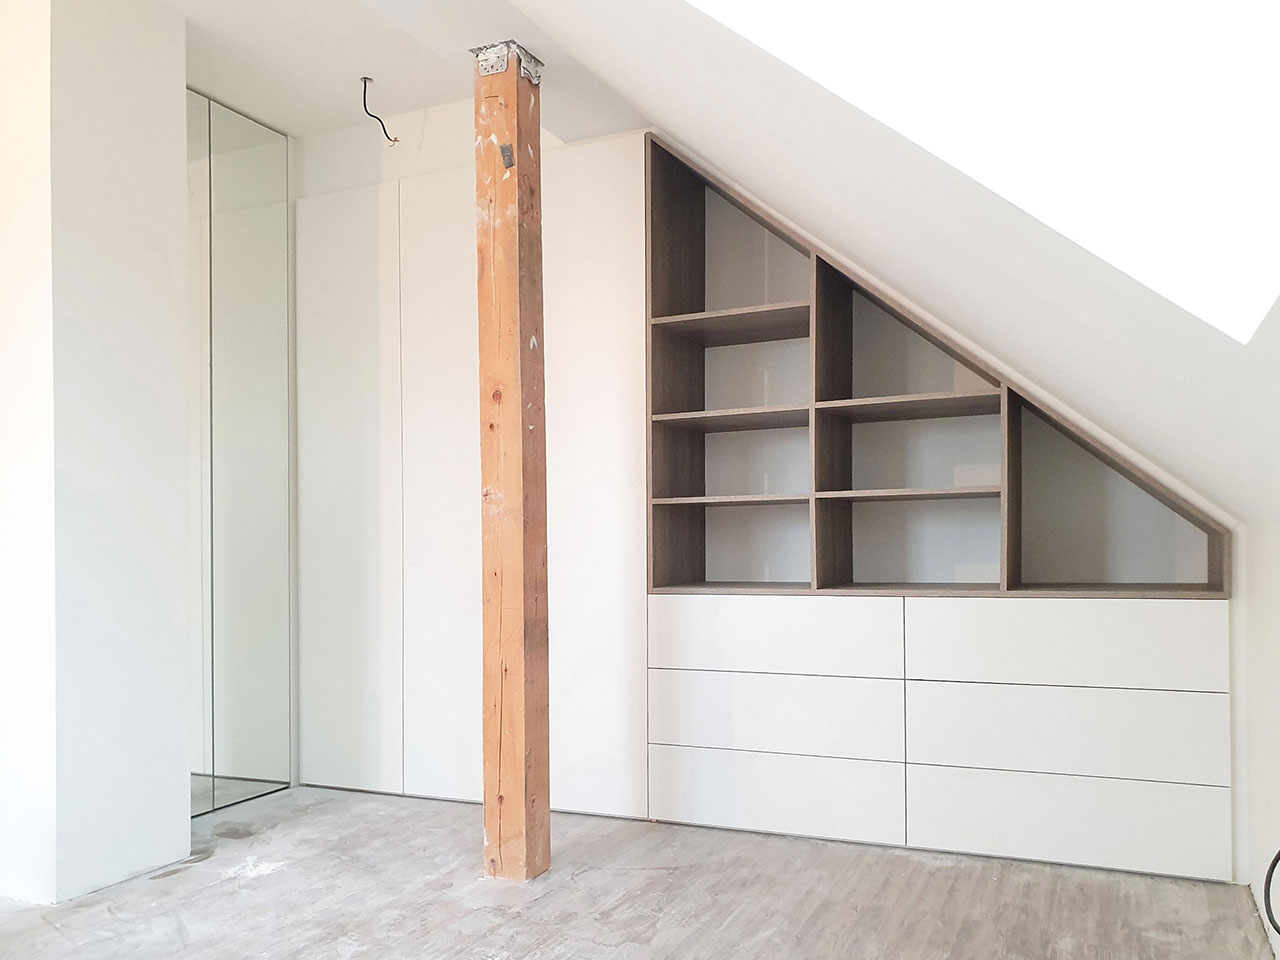 Rohová skříň na míru do podkroví. Pantové bílé a zrcadlové dveře se šuplíky a dřevěnou otevřenou částí.